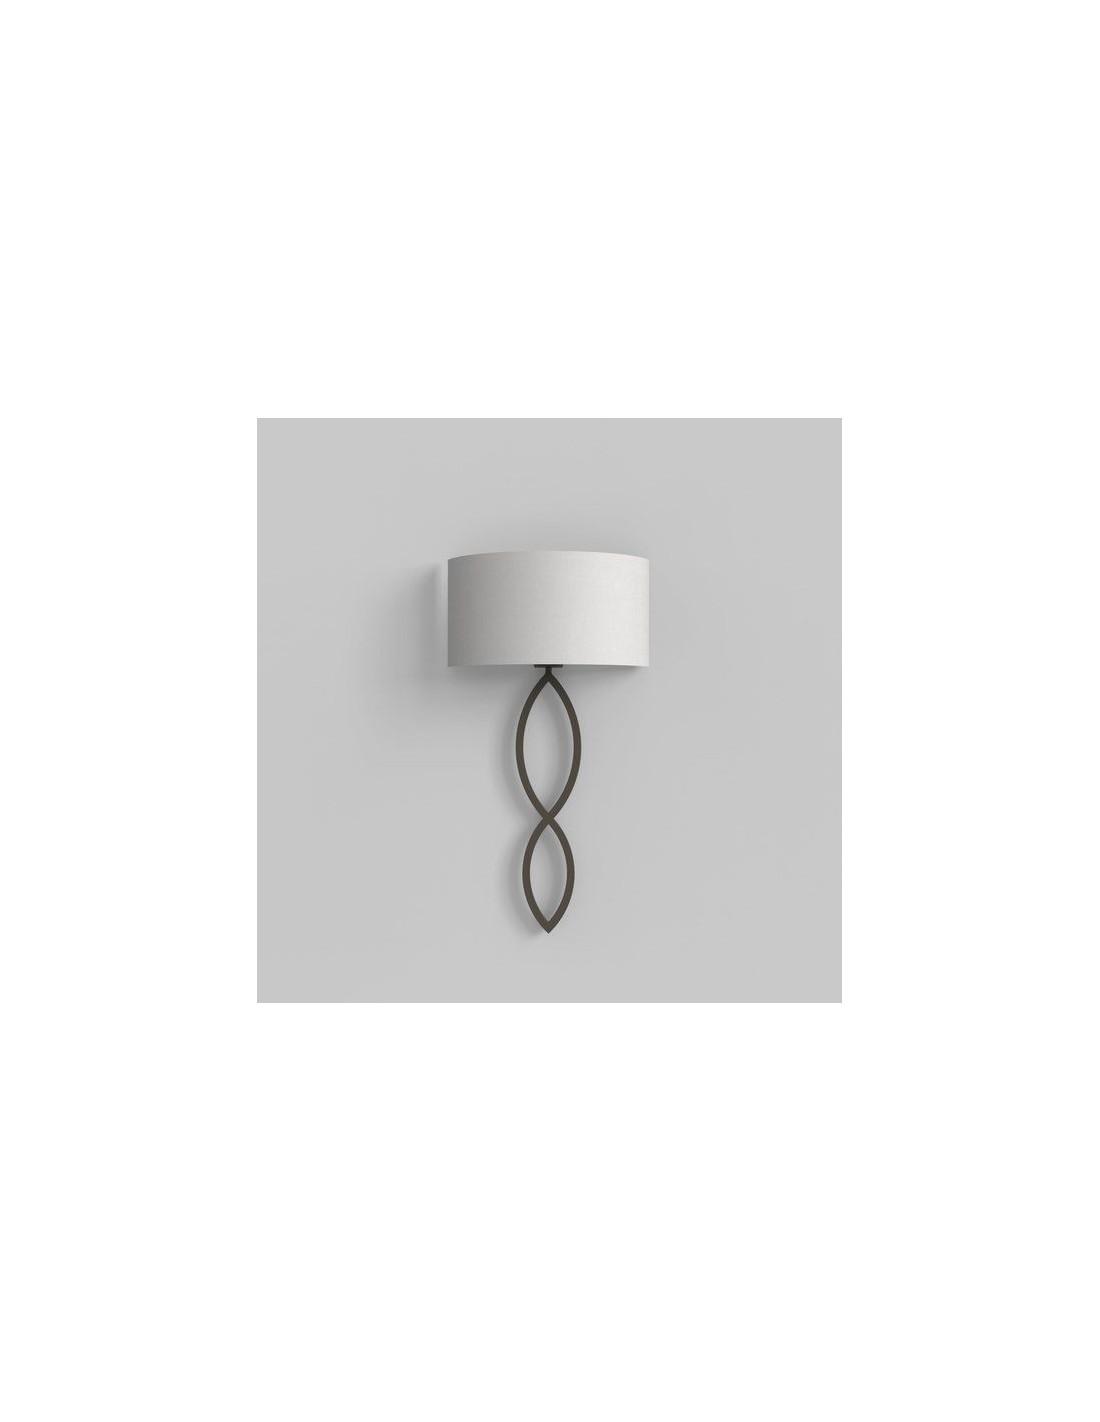 Applique Caserta bronze abat-jour blanc vue éteinte AstroLighting Valente Design